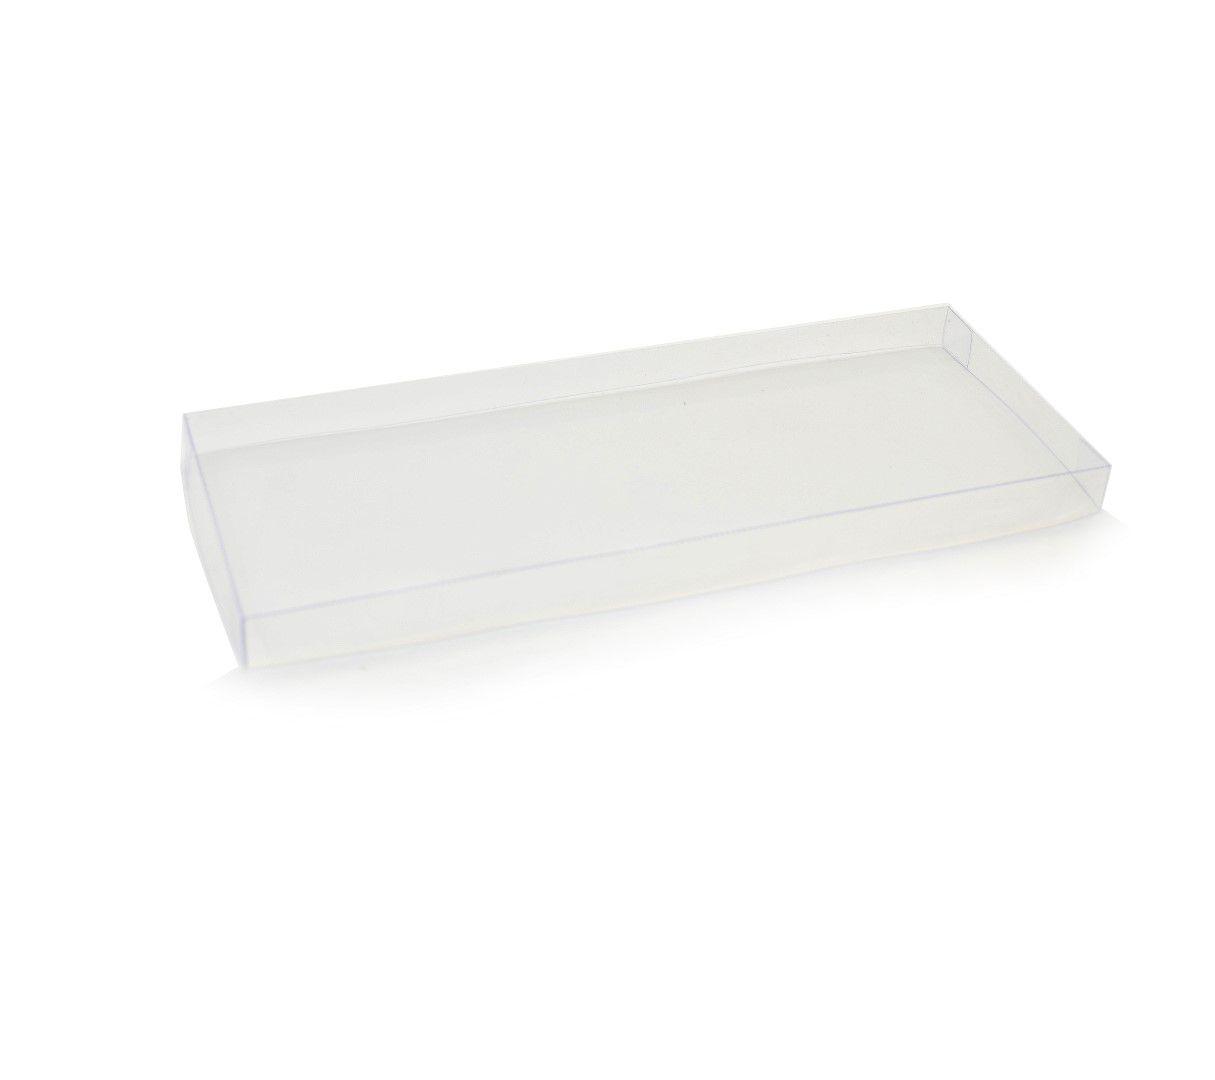 T032 - Tampa - 24x9x1,5 cm - Transparente